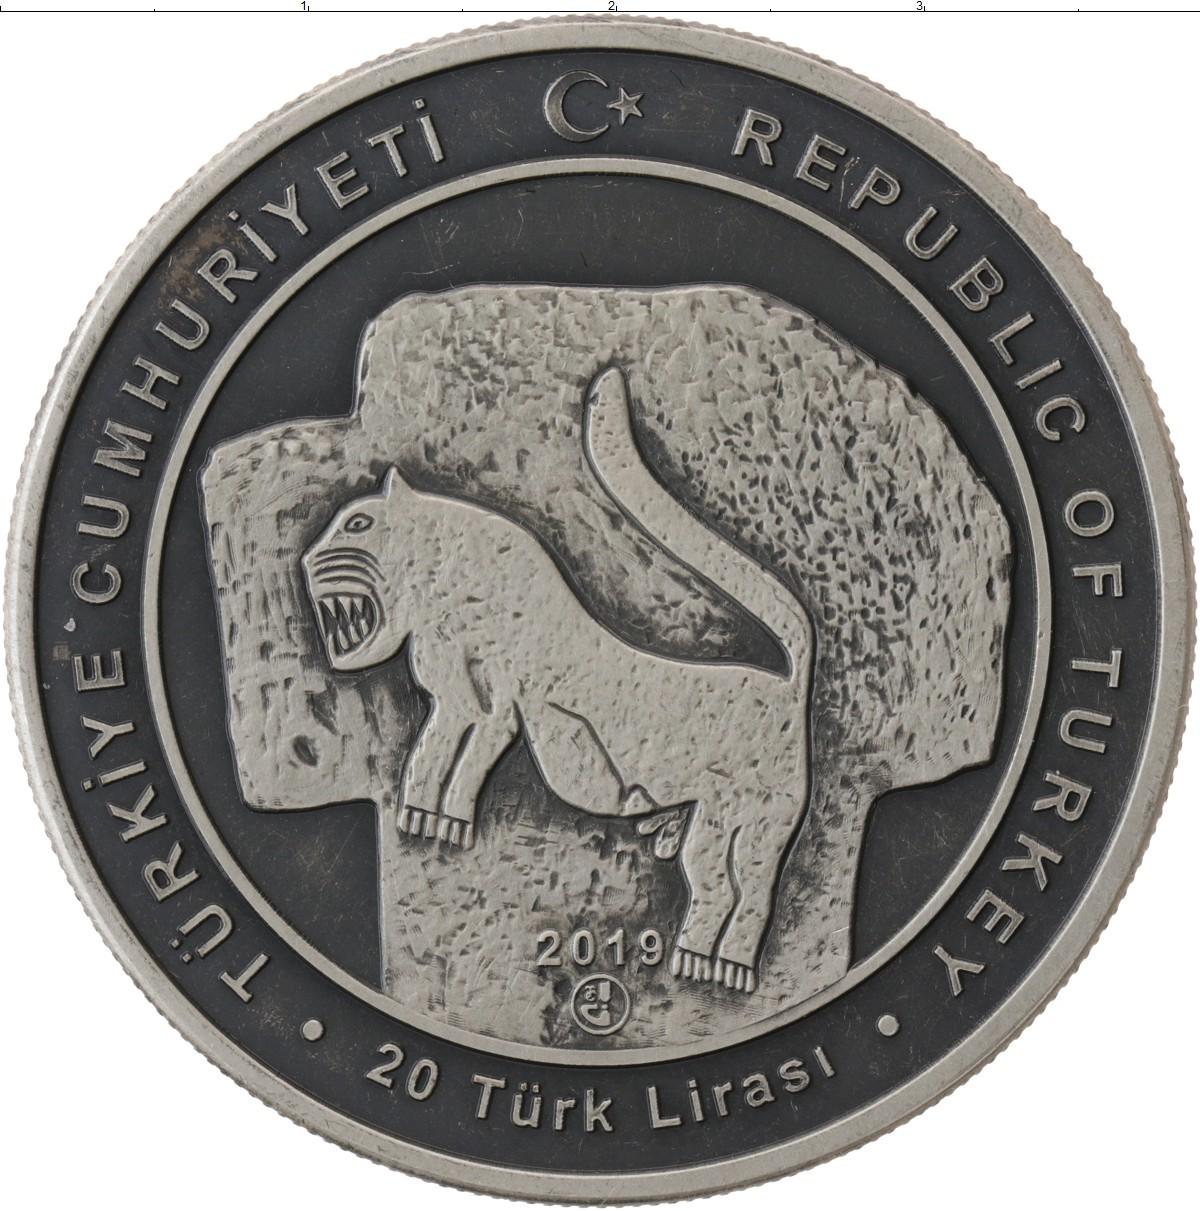 20 лир. Гёбекли-Тепе Археологический памятник. Турция. 2019 год